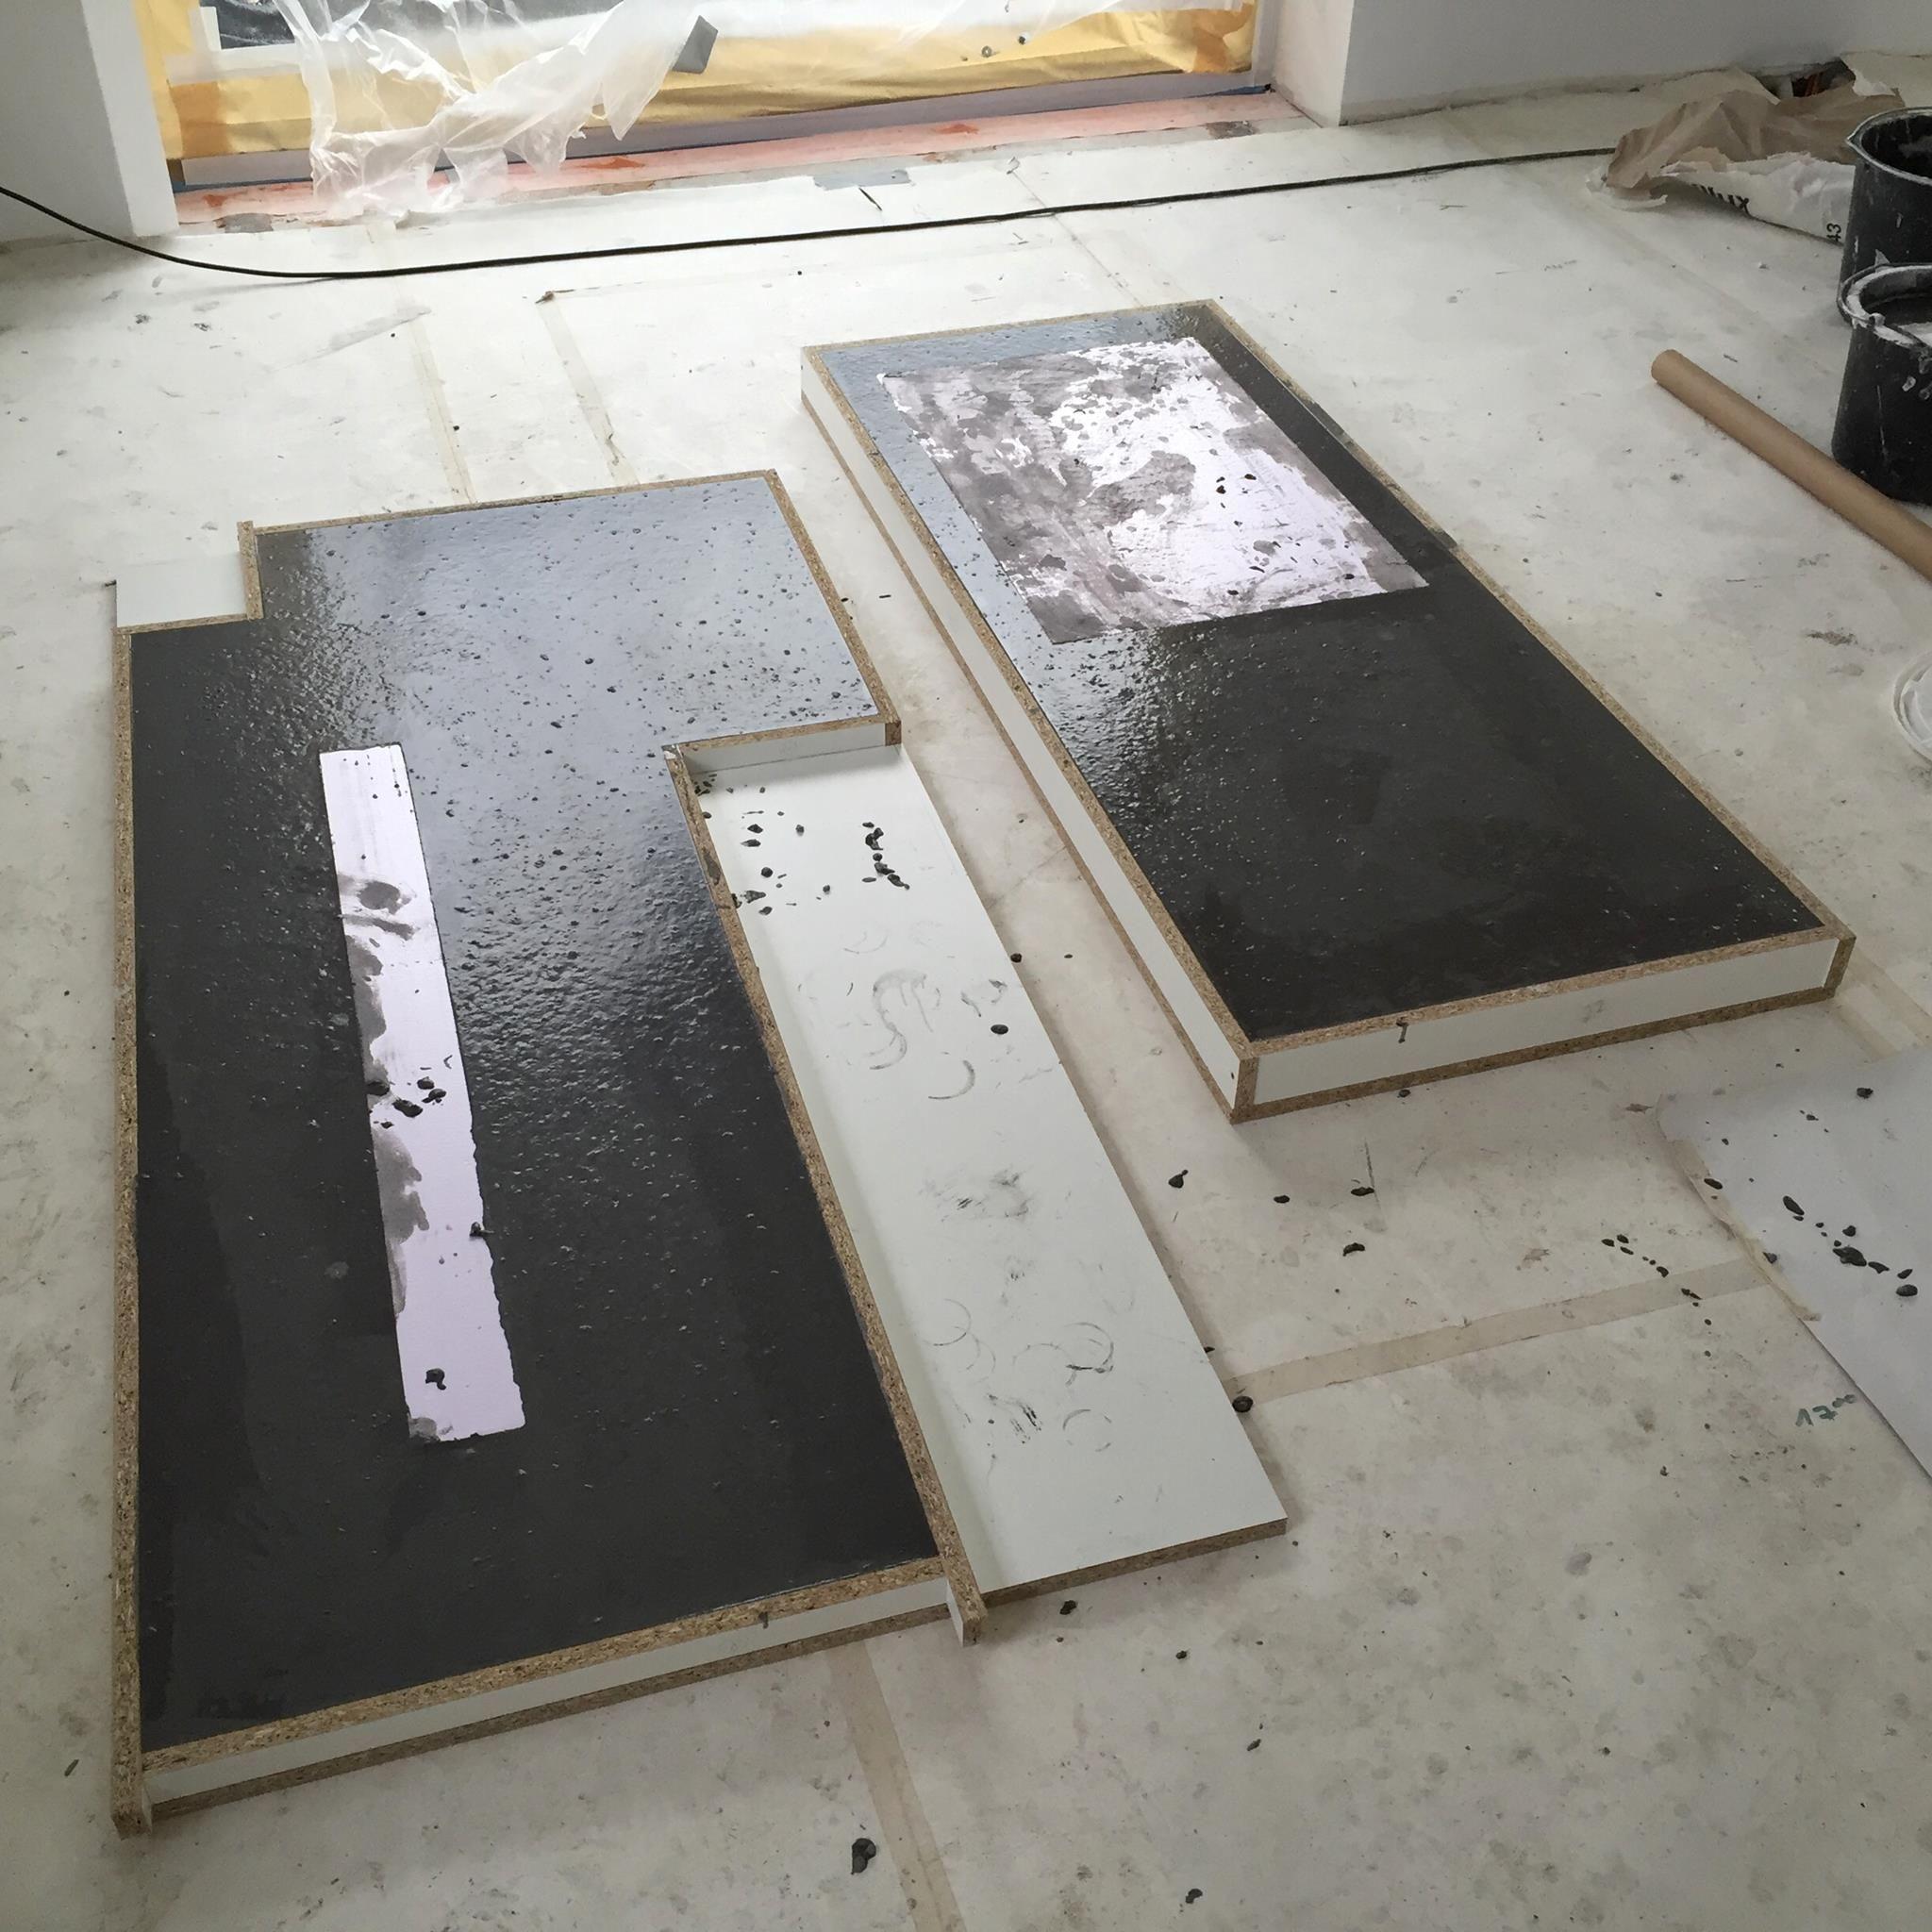 Arbeitsplatten Aus Beton Diy Bigmeatlove Mit Bildern Arbeitsplatte Selbermachen Beton Beistelltisch Kuche